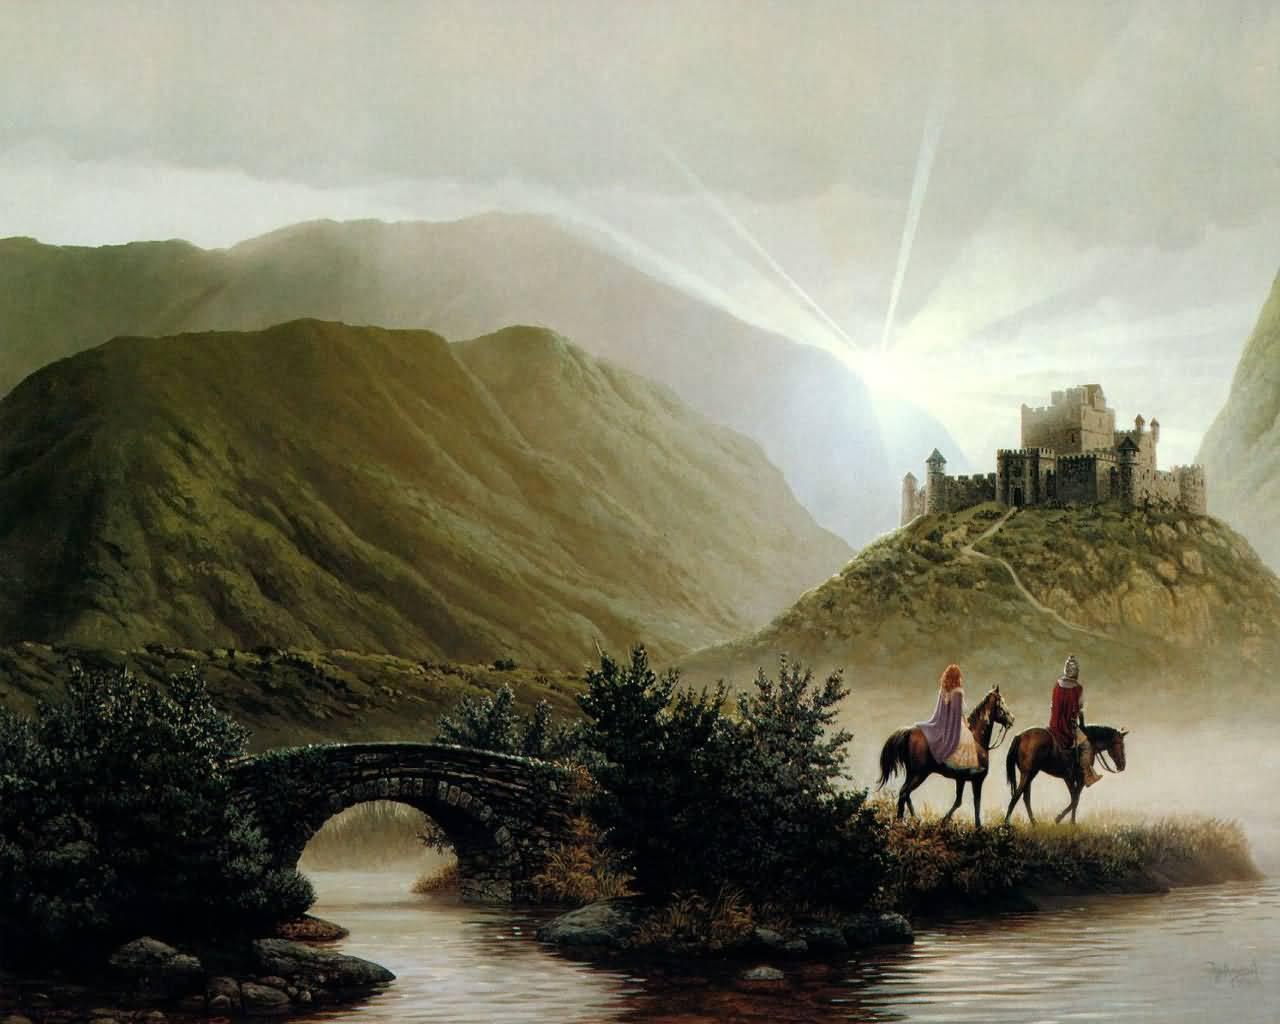 http://3.bp.blogspot.com/-DcT2m6Y5wWg/Tc_7y8YpZ7I/AAAAAAAABb4/ZPtjE26dWF4/s1600/castle-fantasy-wallpapers.jpg